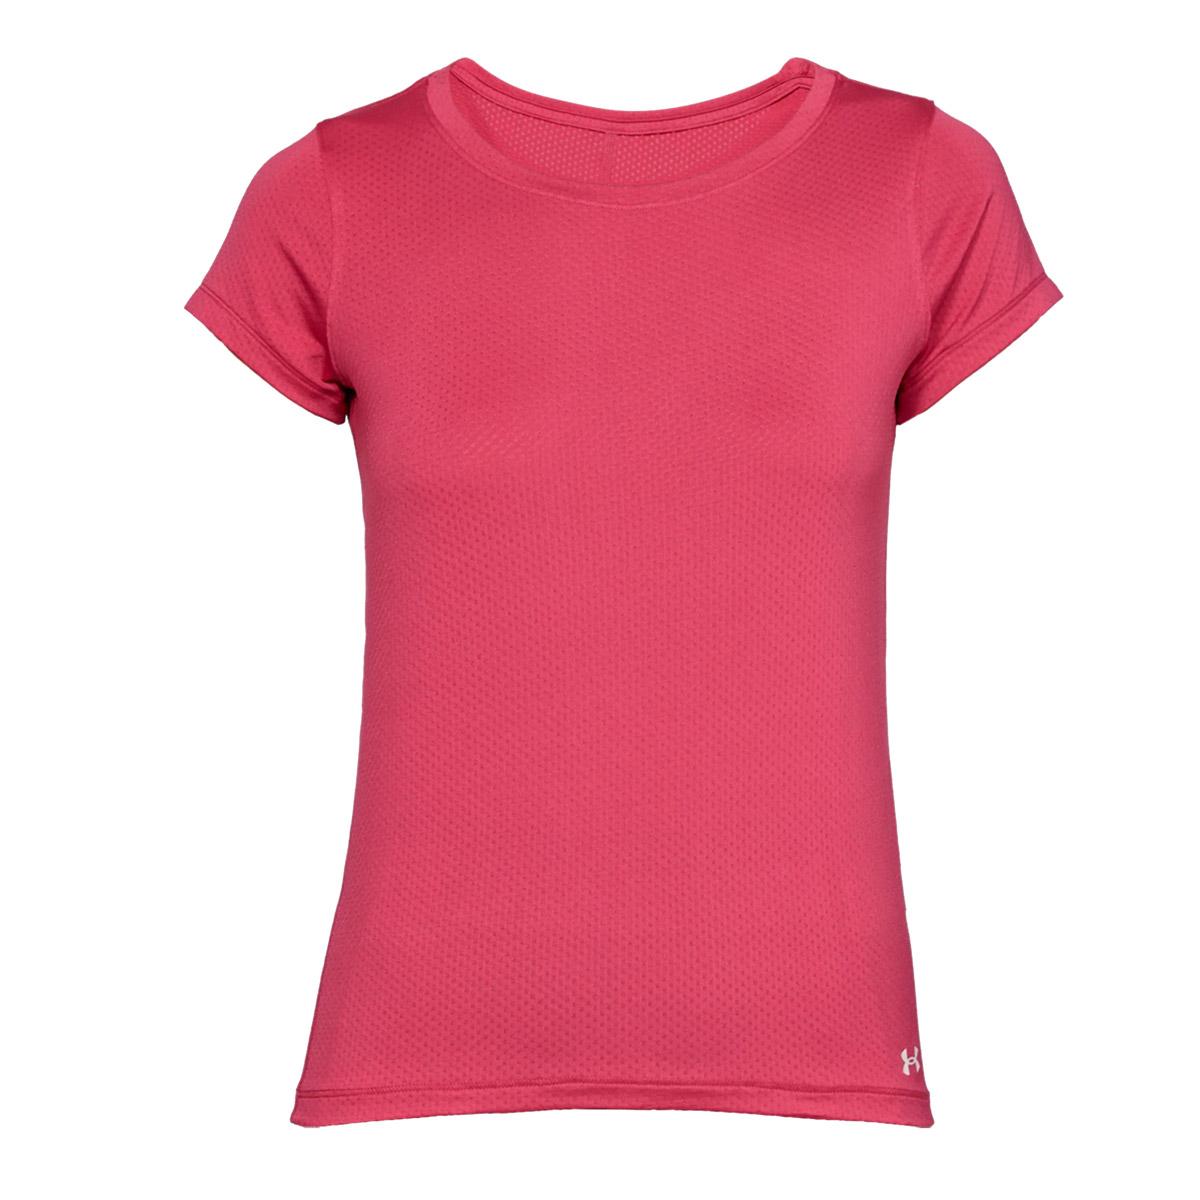 8d478f9e Under Armour Women's HeatGear Short Sleeve T-Shirt - Impulse Pink ...